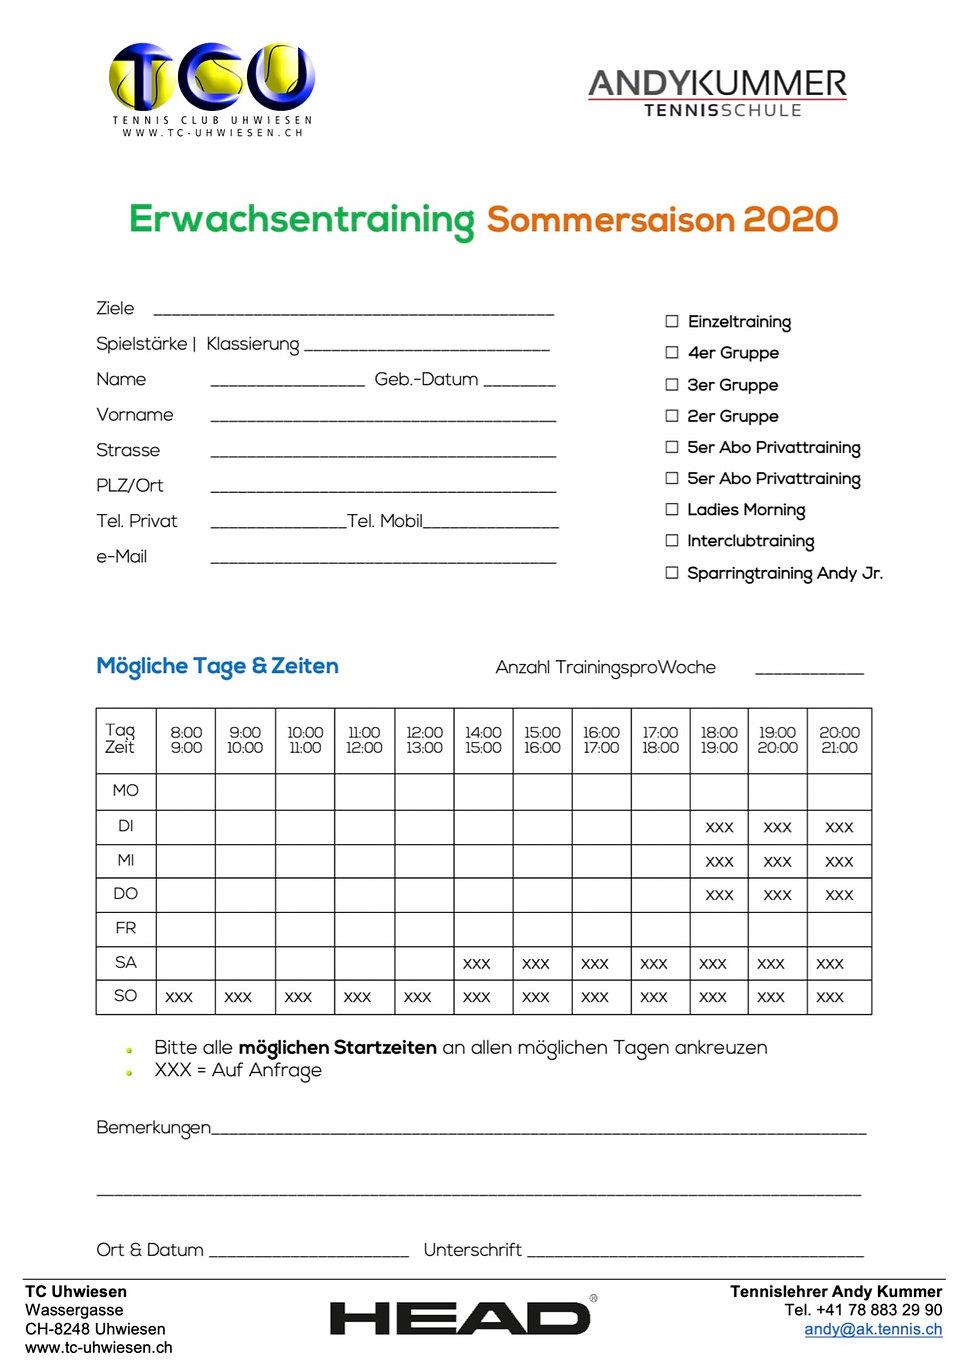 Anmeldeformular Erw_Sommer 2020.jpg